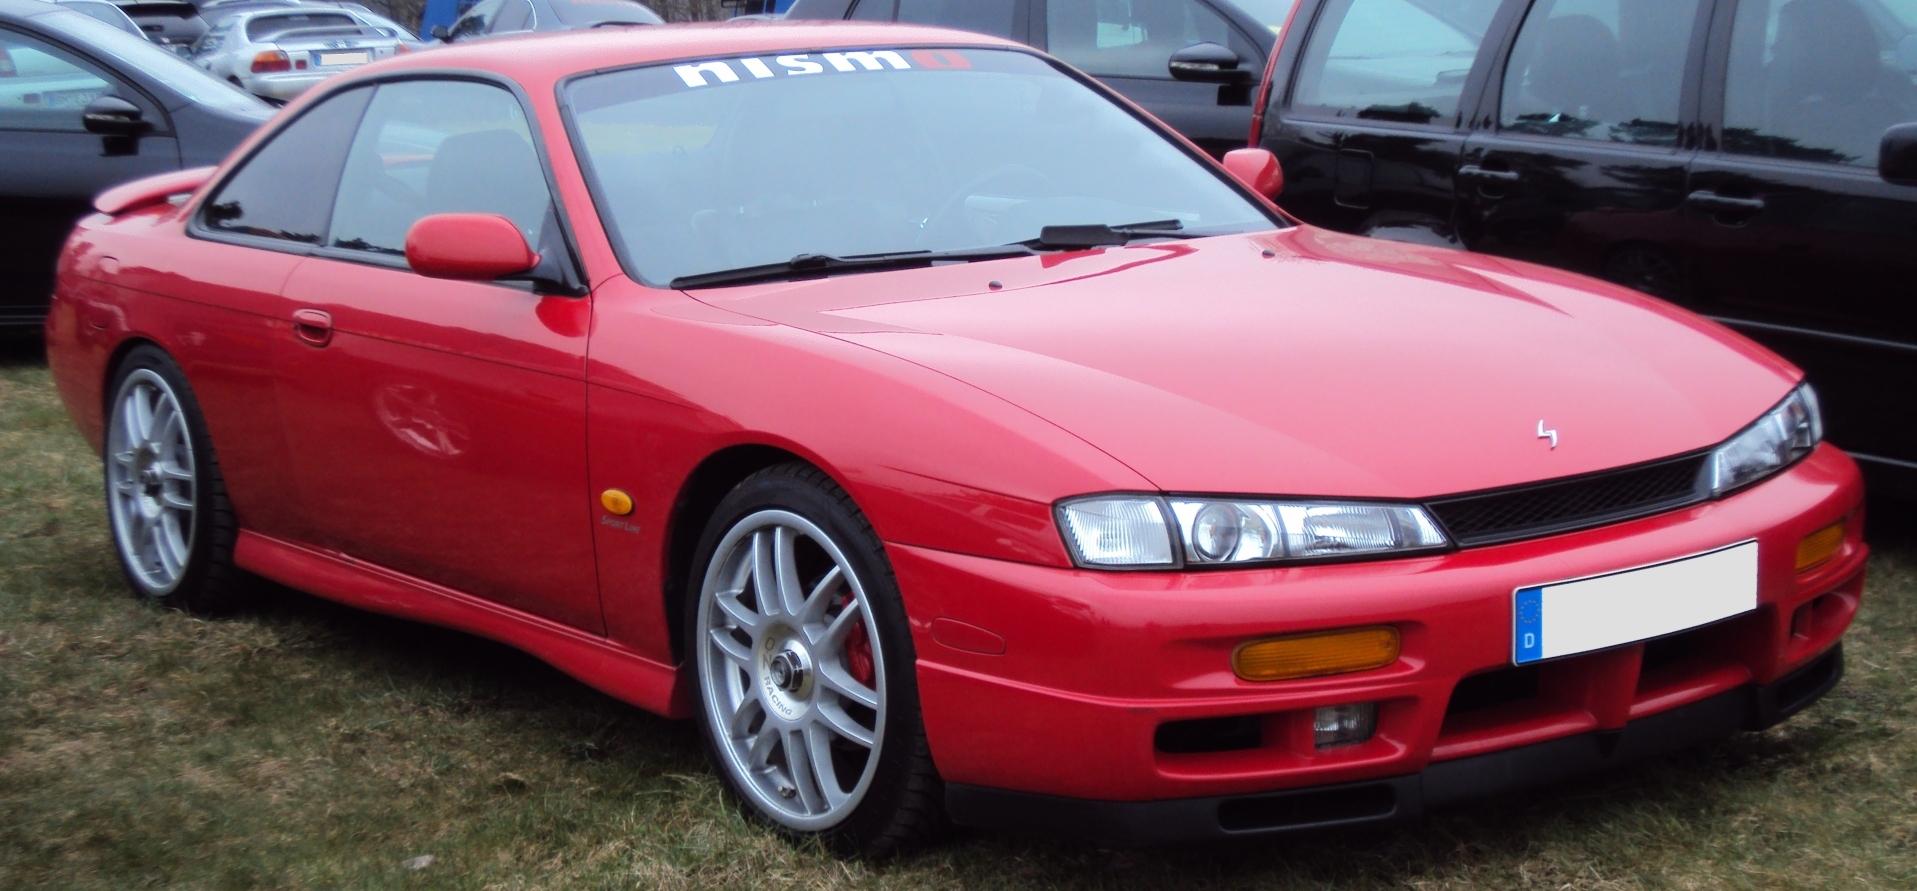 Nissan 300zx For Sale >> File:Nissan 200SX Sportline Front.JPG - Wikimedia Commons